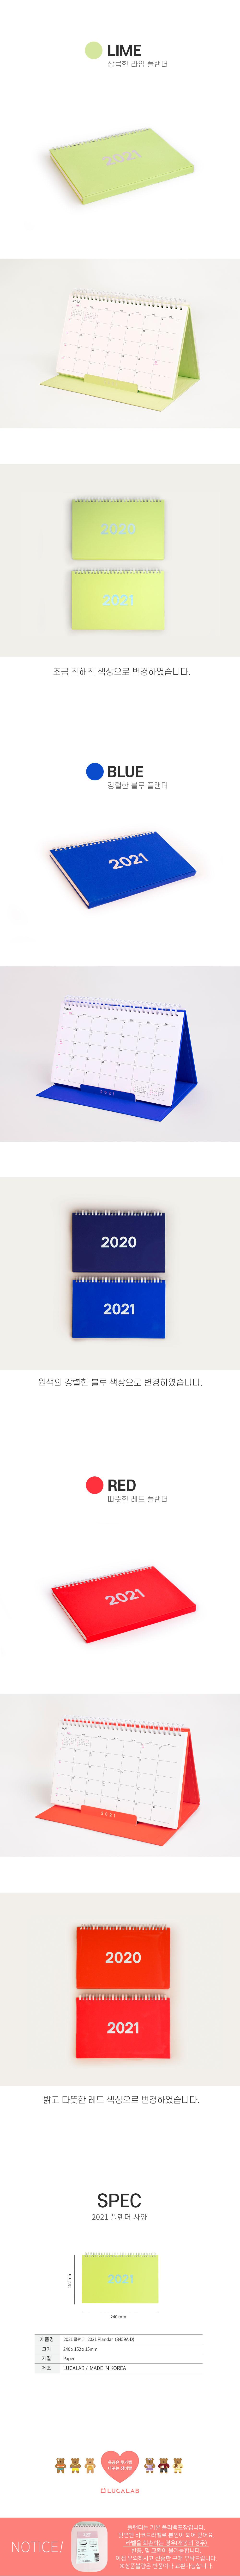 [루카랩]2021 플랜더-4컬러(총4권)-탁상용 캘린더 위클리 주간 스터디 스케줄 직장인 업무용 교무용 휴대24,000원-루카랩디자인문구, 플래너/스케줄러, 플래너, 먼슬리플래너바보사랑[루카랩]2021 플랜더-4컬러(총4권)-탁상용 캘린더 위클리 주간 스터디 스케줄 직장인 업무용 교무용 휴대24,000원-루카랩디자인문구, 플래너/스케줄러, 플래너, 먼슬리플래너바보사랑